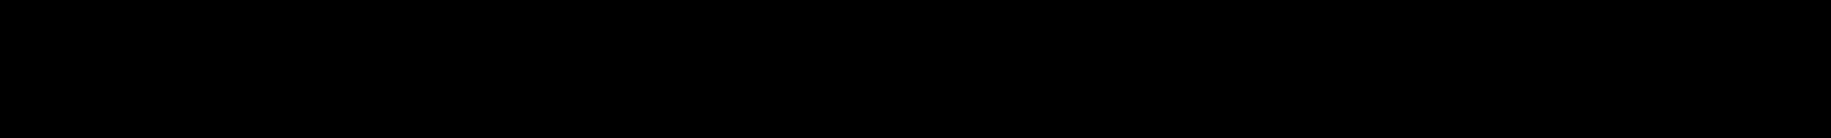 Queenax Precor logo